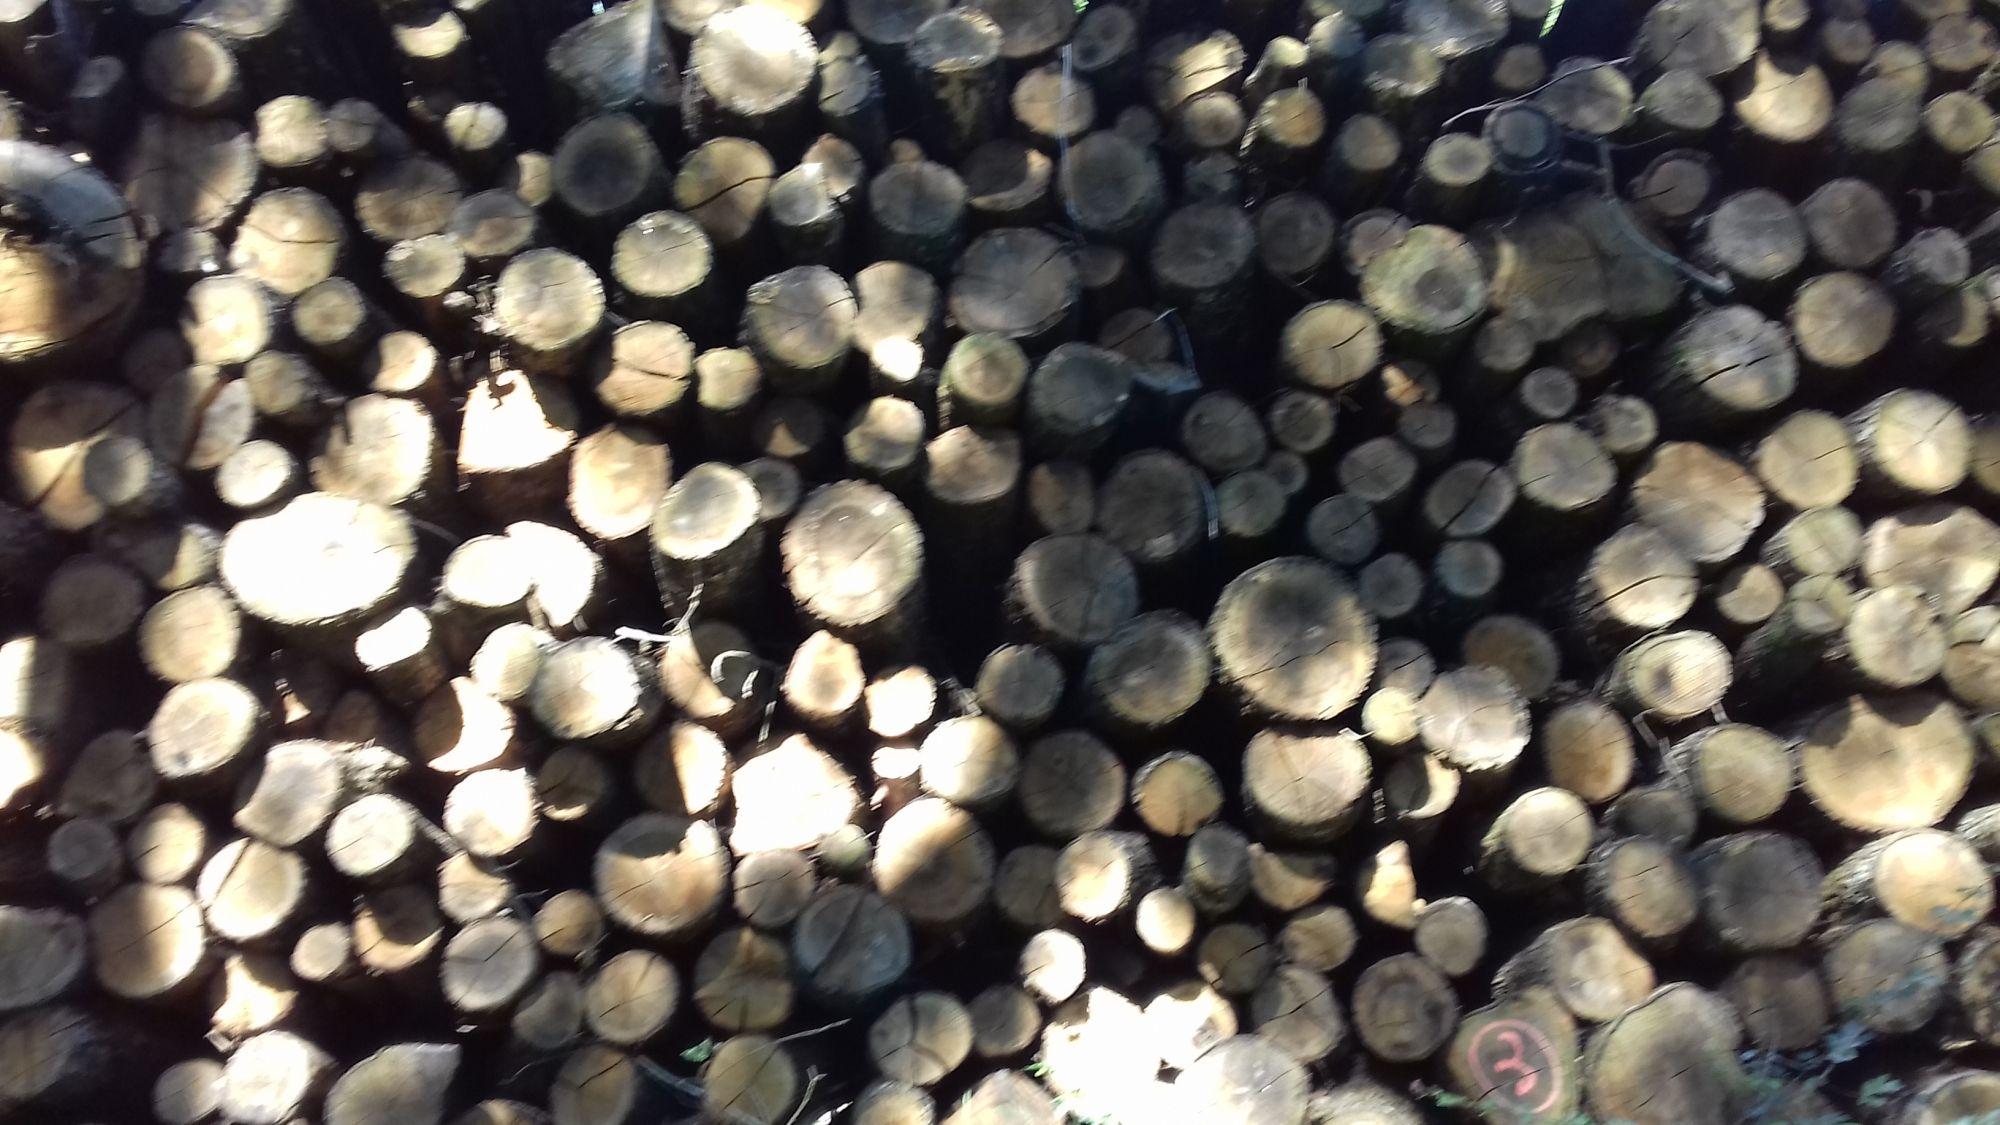 bois de chauffage 31site internet pour revendeur de combustible bois dans la Haute-Garonne